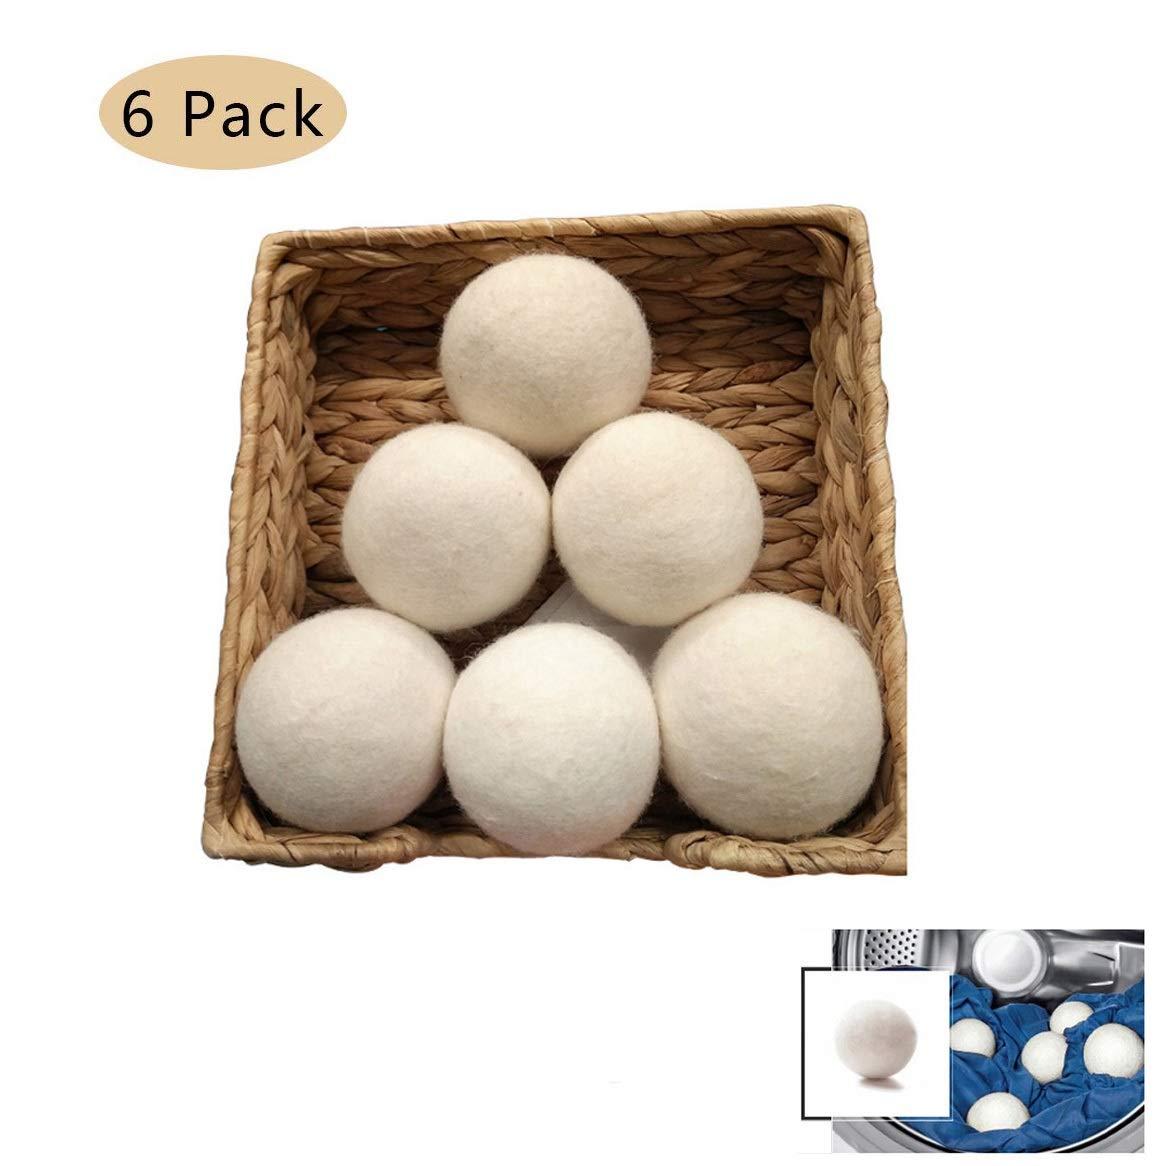 ウール乾燥機ボール| 6PCS有機タンブル乾燥機ボール|再利用可能な天然織物柔軟剤|静電気軽減無香料環境にやさしいタンブル|節約お金、時間と環境|自然にあなたの服を柔らかくしてふわふわさせる B07TJ1DJN1